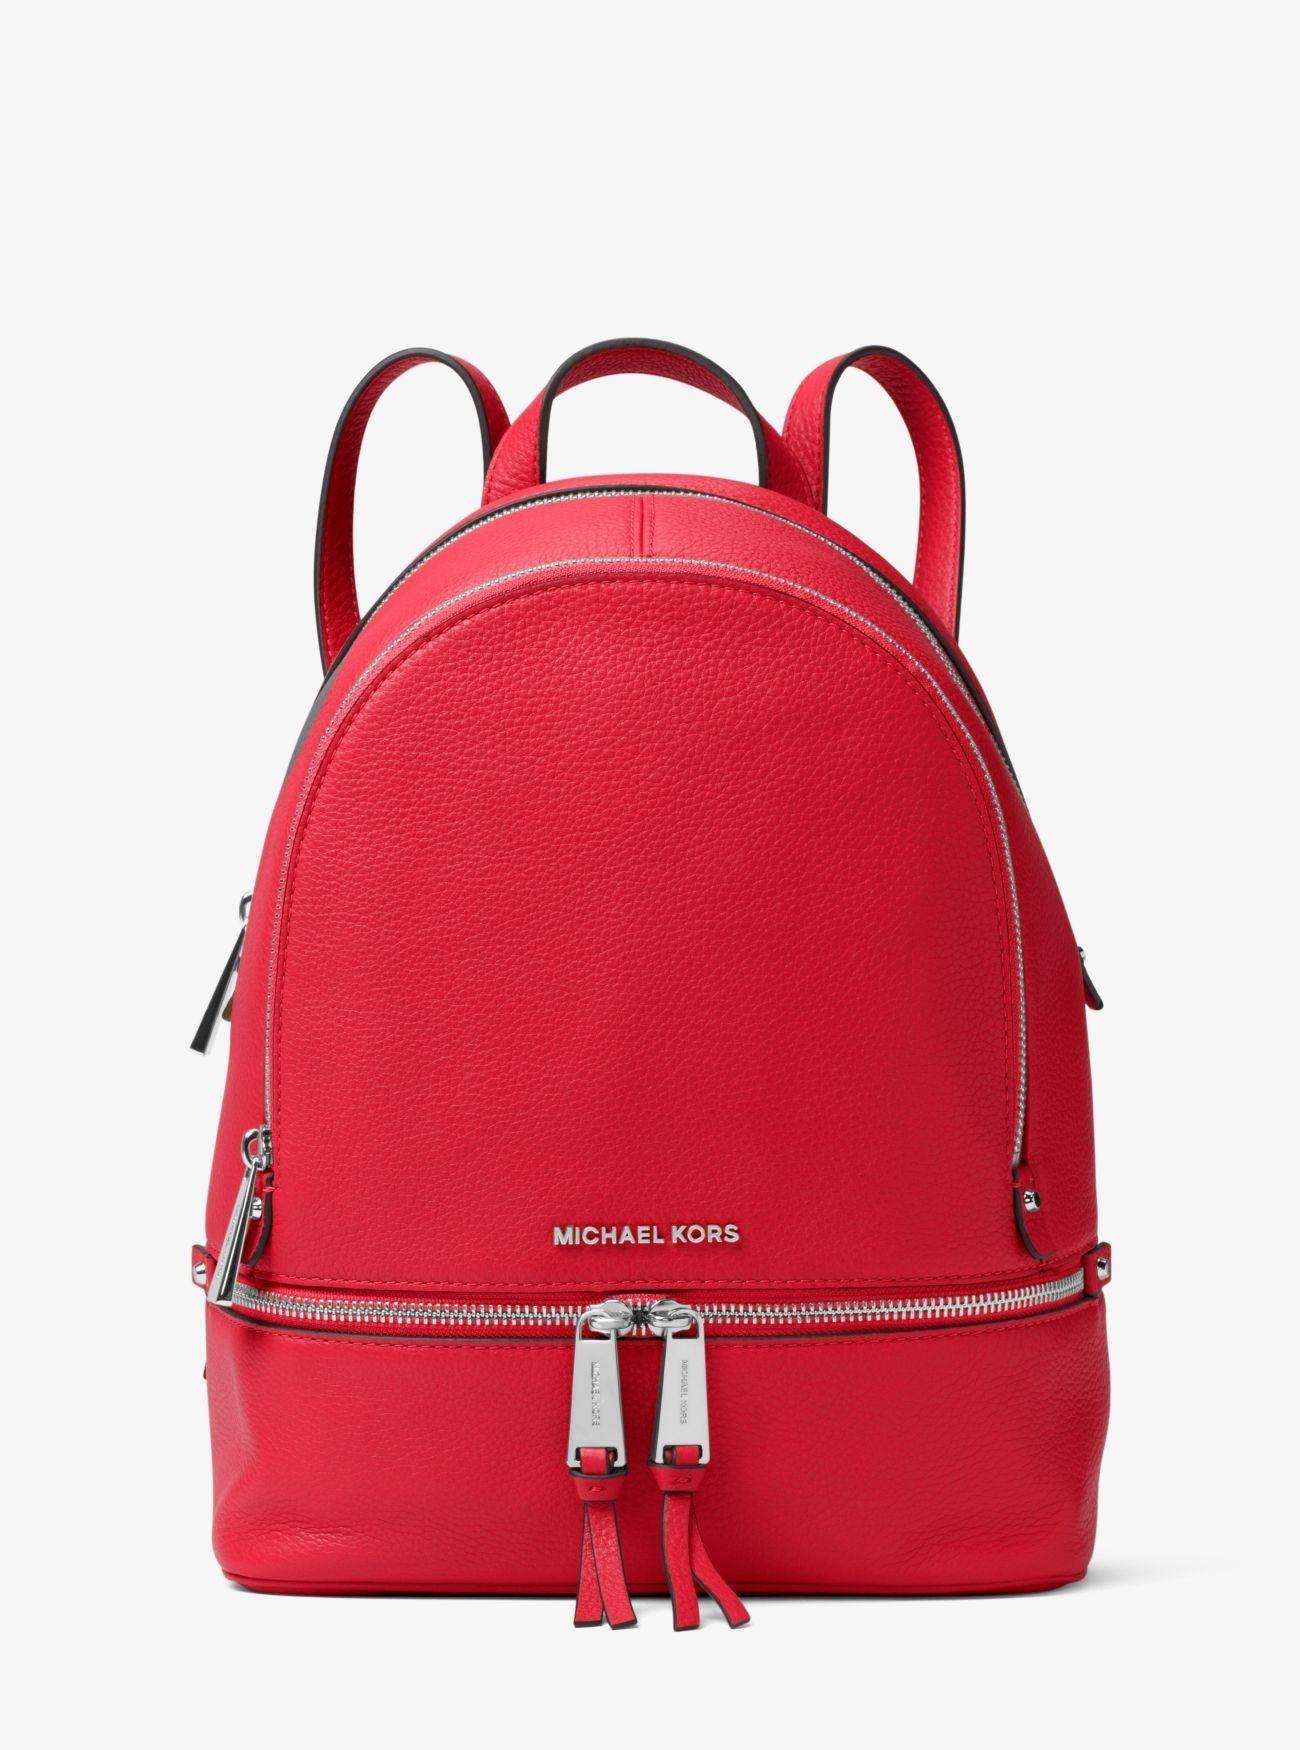 29c963510aa Las mochilas son el nuevo bolso de tendencia